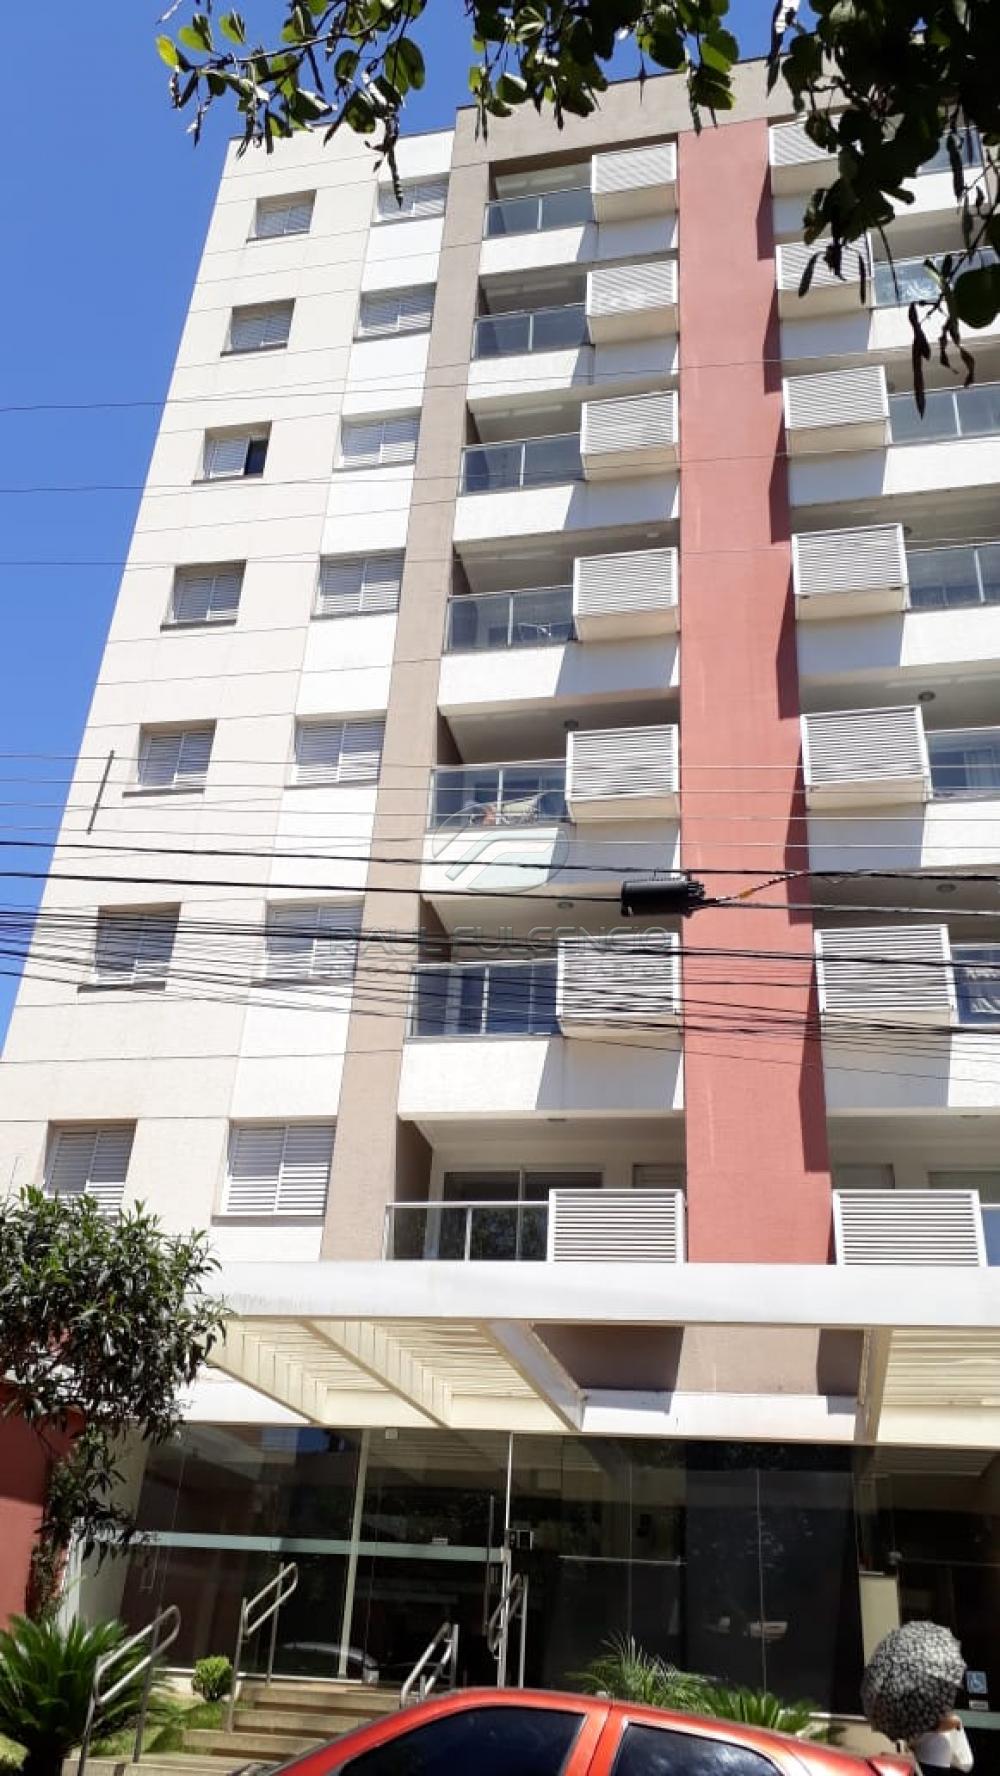 Comprar Apartamento / Padrão em Londrina apenas R$ 342.000,00 - Foto 1